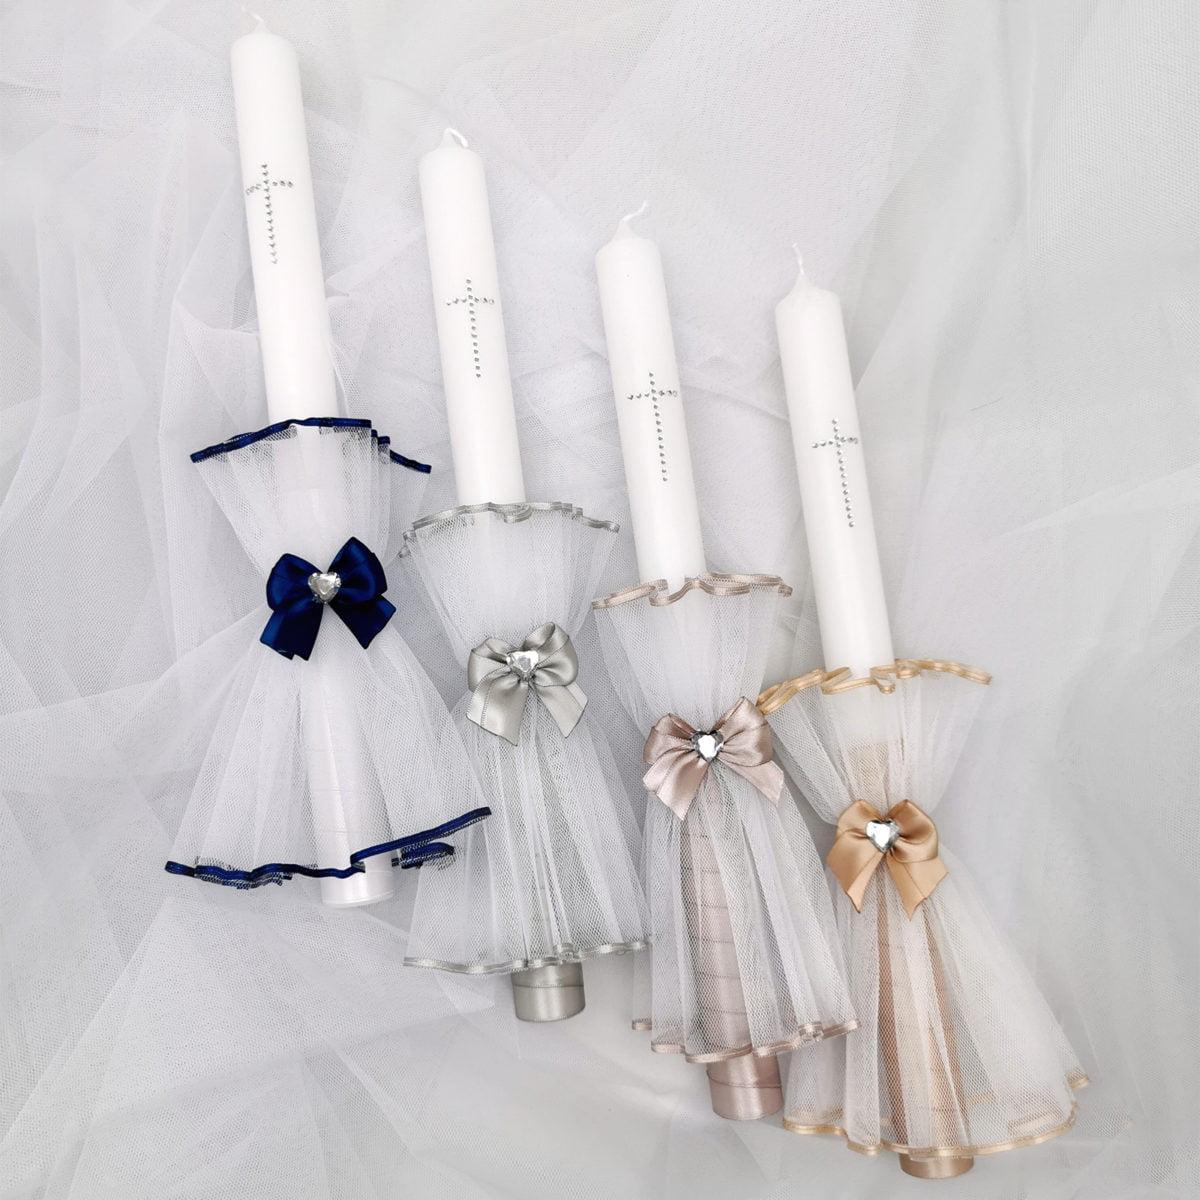 svijeće za krštenje beba u elegantnim bojama